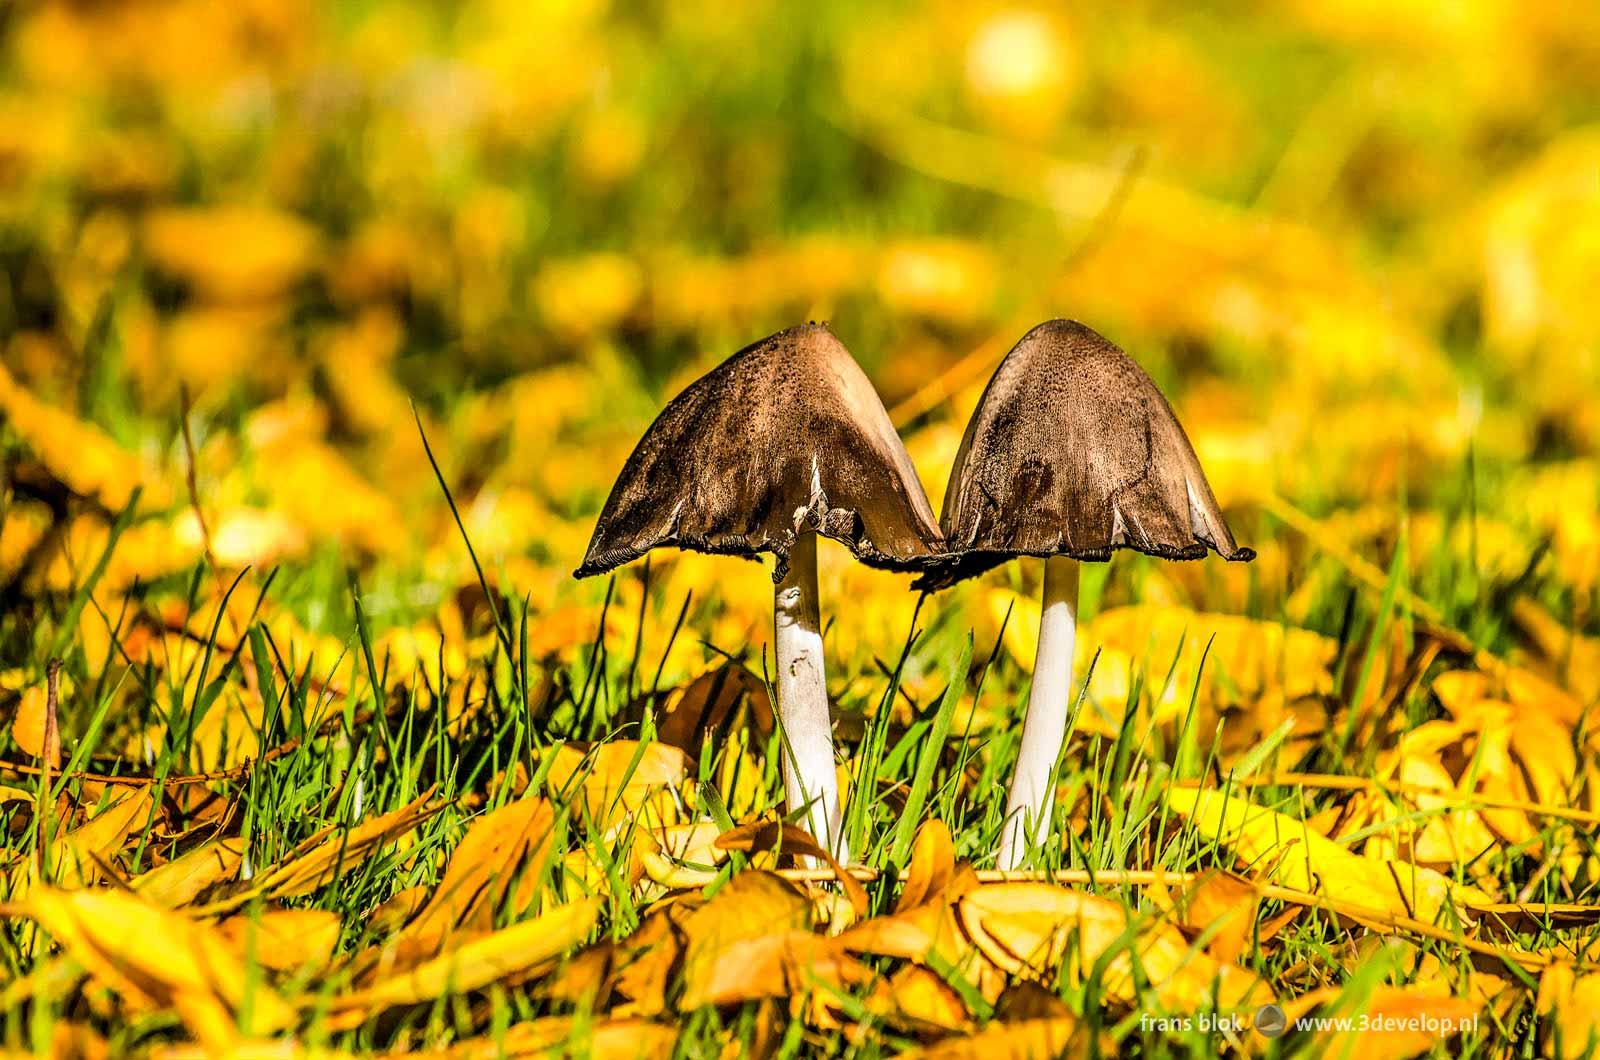 Twee paddenstoelen tussen de gevallen bladeren op een grasveld in de herfst